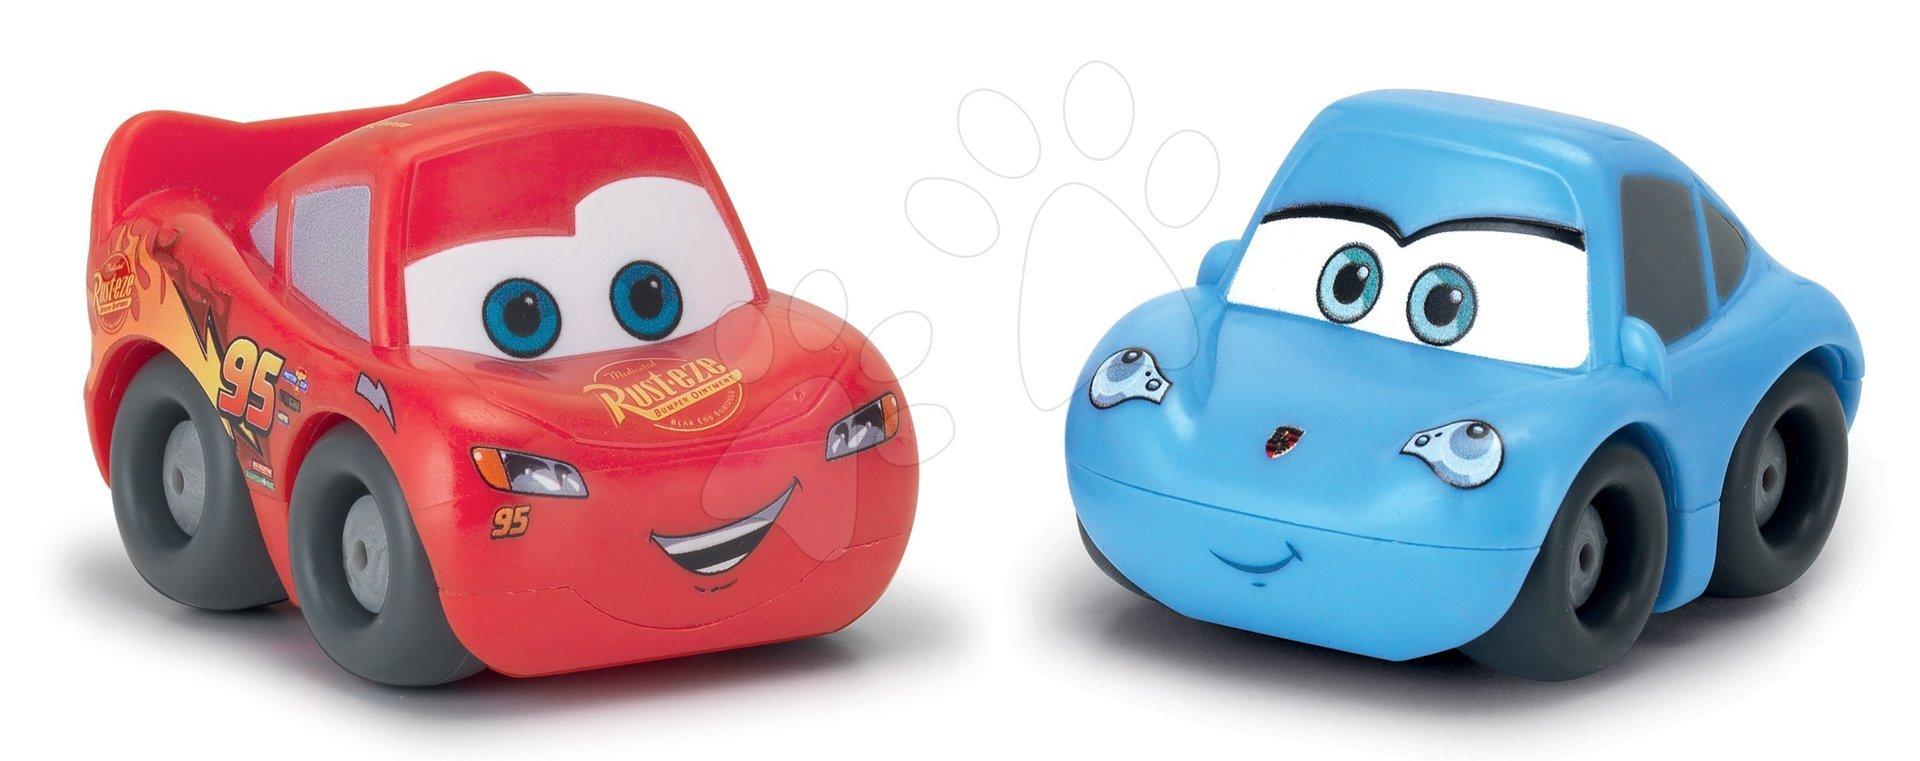 Autíčka 2 druhy Vroom Planet Cars Smoby v darčekovom balení, červené a modré od 12 mes